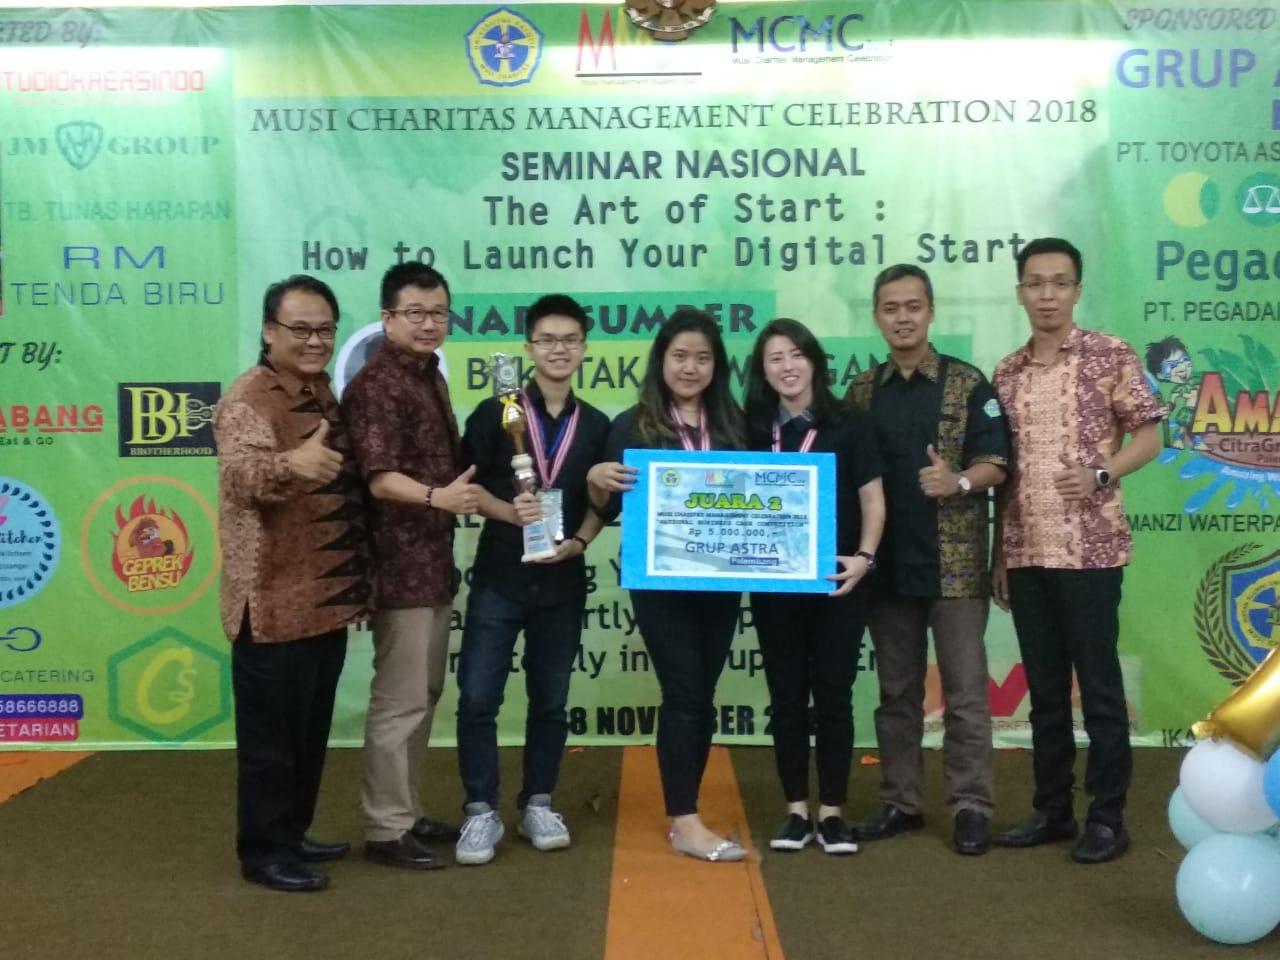 Juara 2 Lomba Musi Charitas Management Celebration 2018 di Palembang